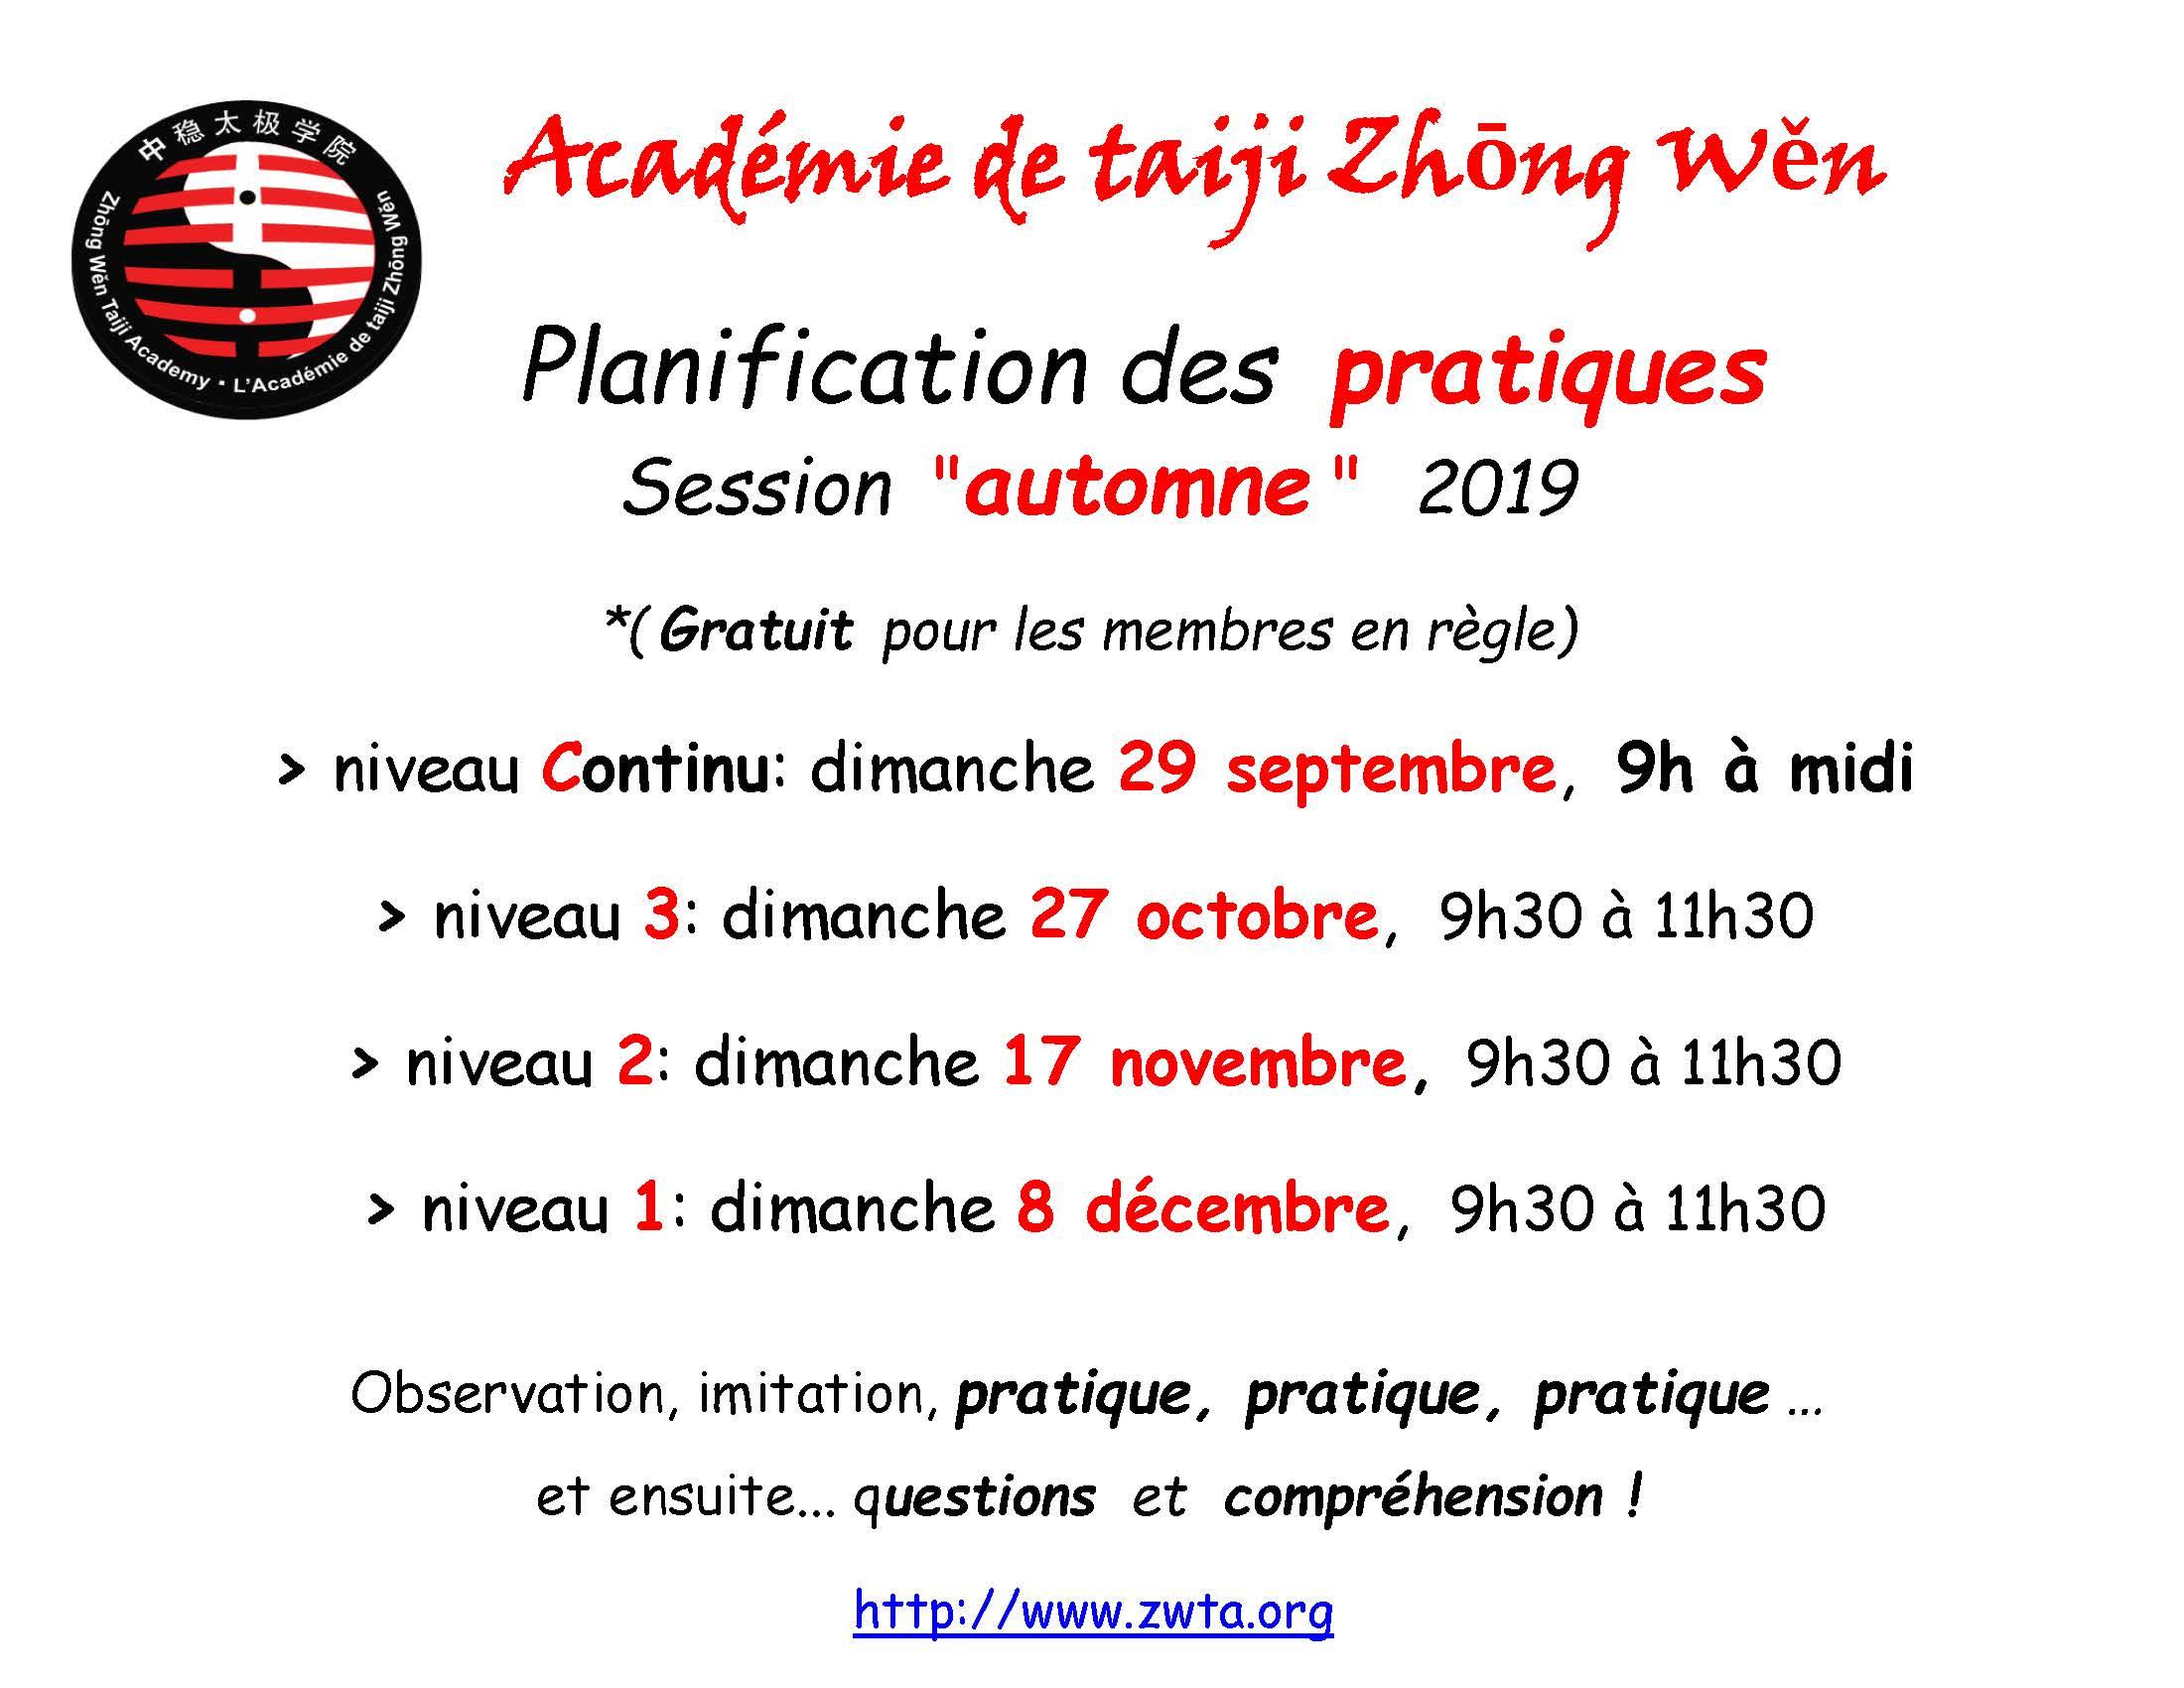 2019-09-Session Automne-Horaires et Pratiques _Page_2.jpg